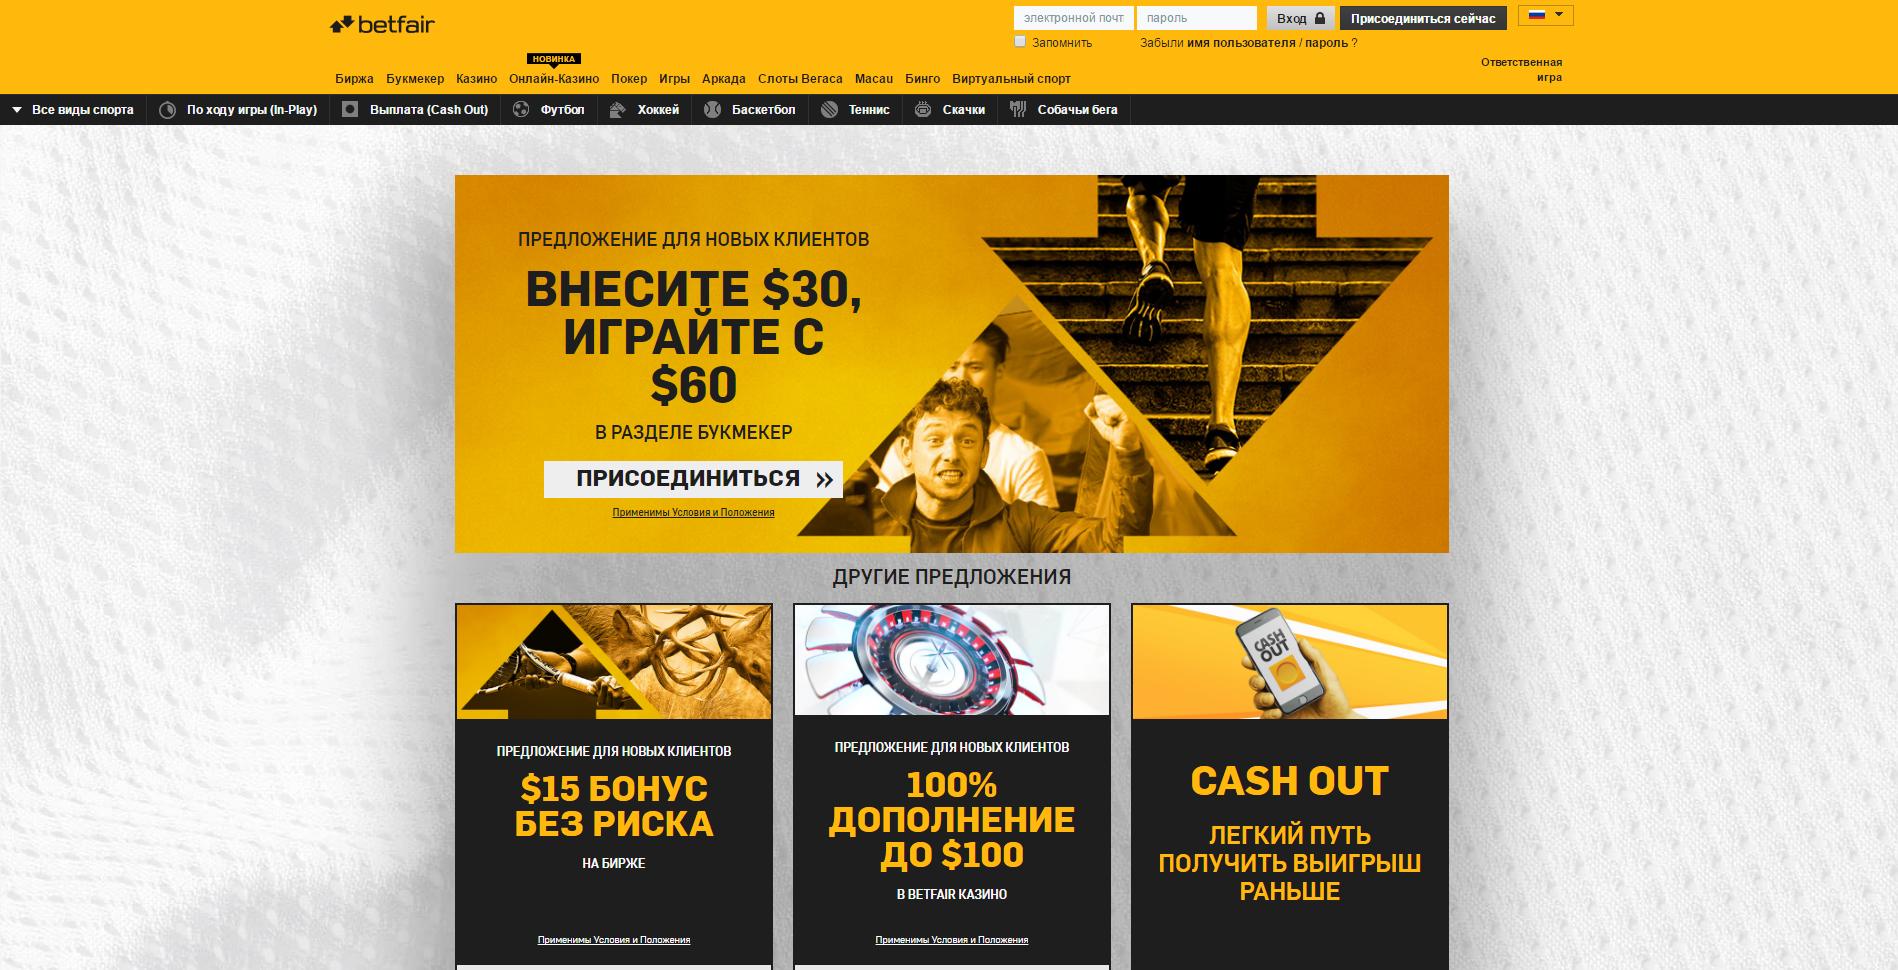 Официальный сайт букмекерской конторы betfair